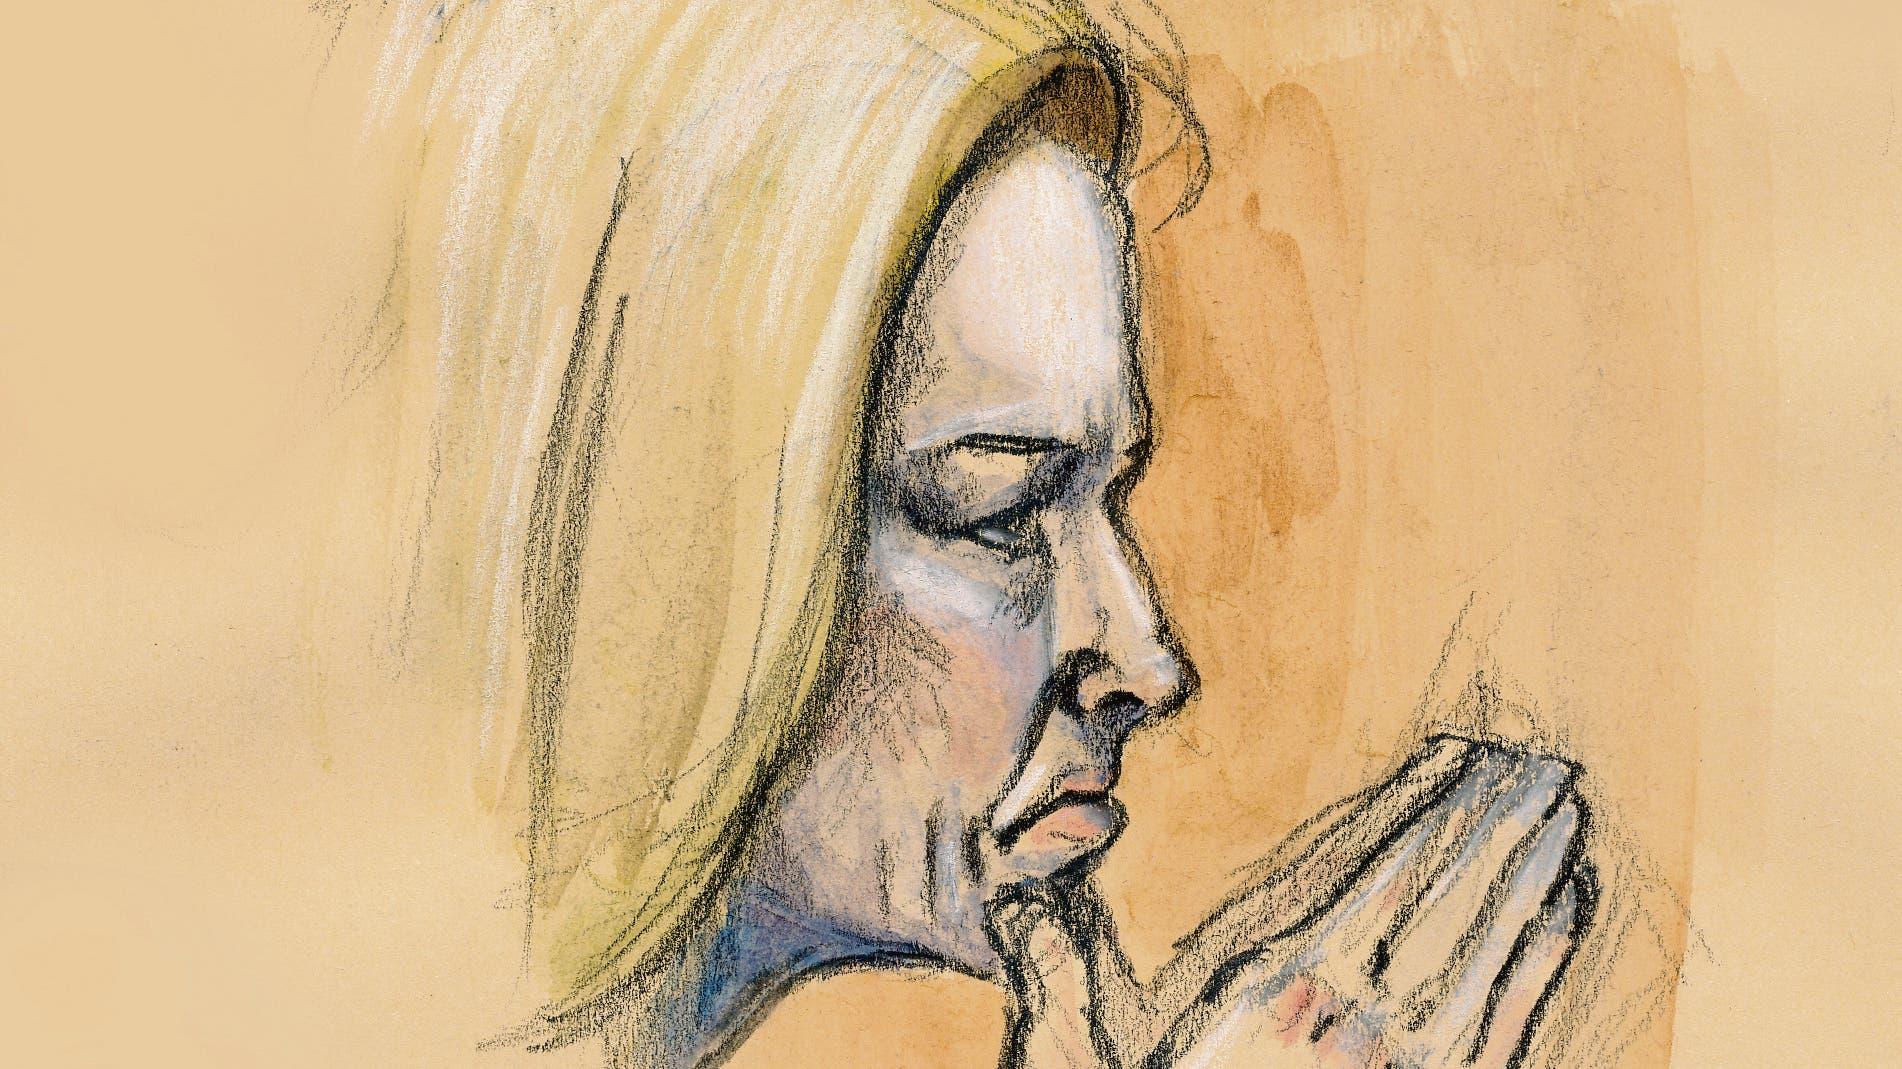 Staatsanwältin Barbara Loppacher in ihrem Plädoyer am zweiten Prozesstag: «Er redet sich und die ganze Welt schön.»